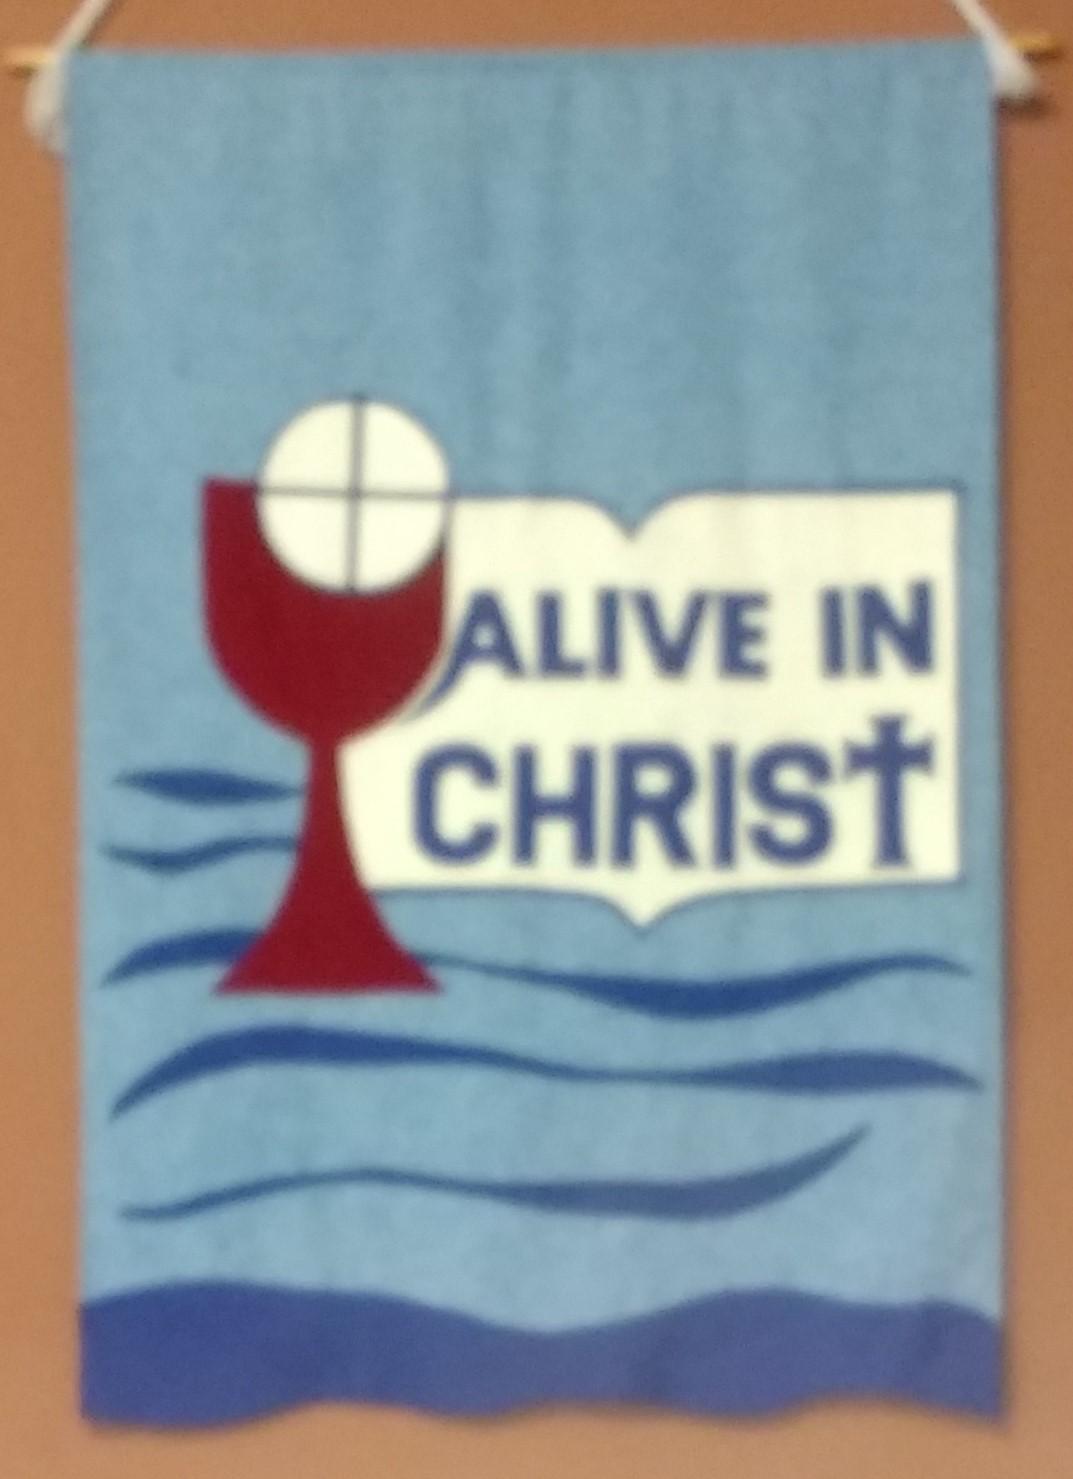 Alive in Christ.jpg